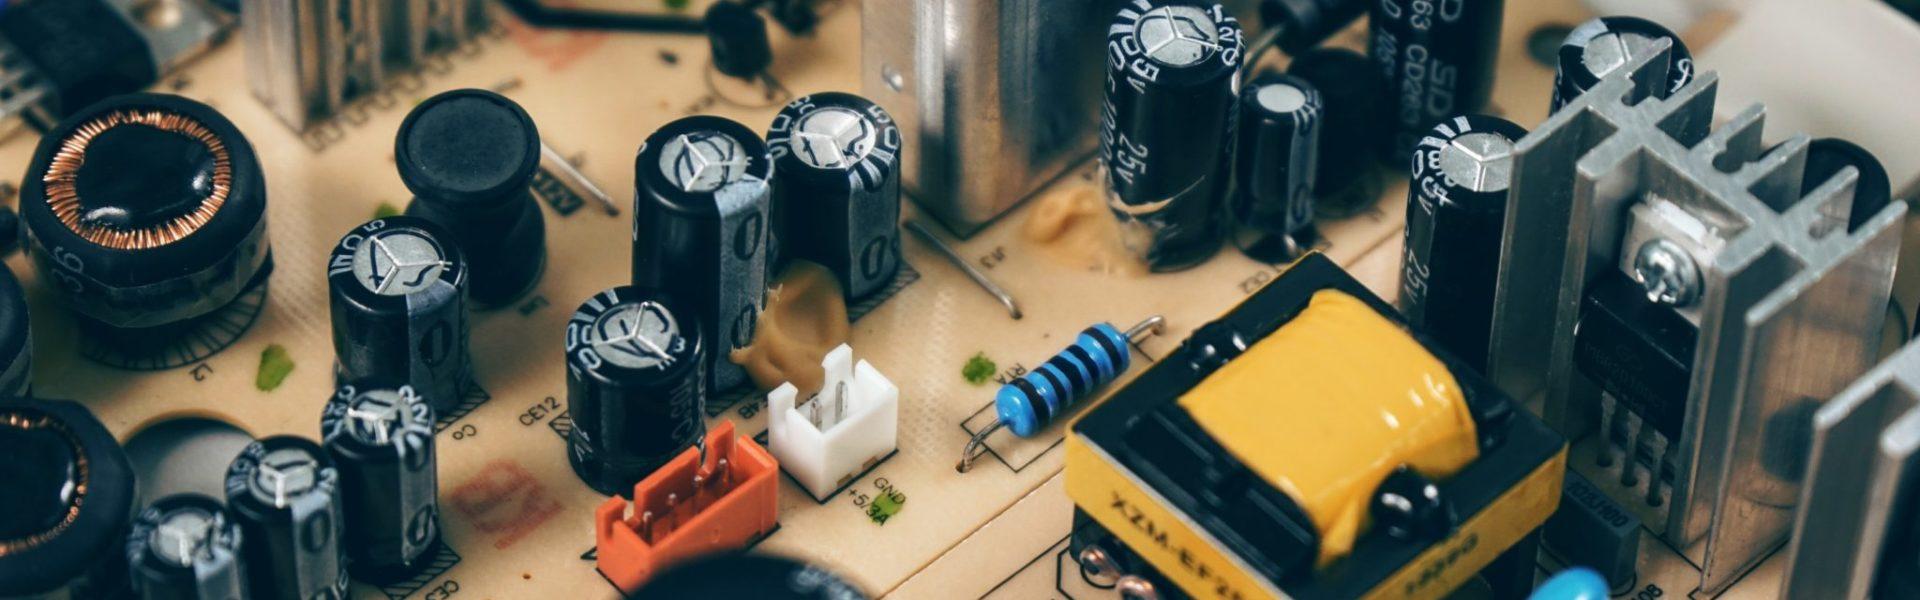 circuit-circuit-board-resistor-computer-163100